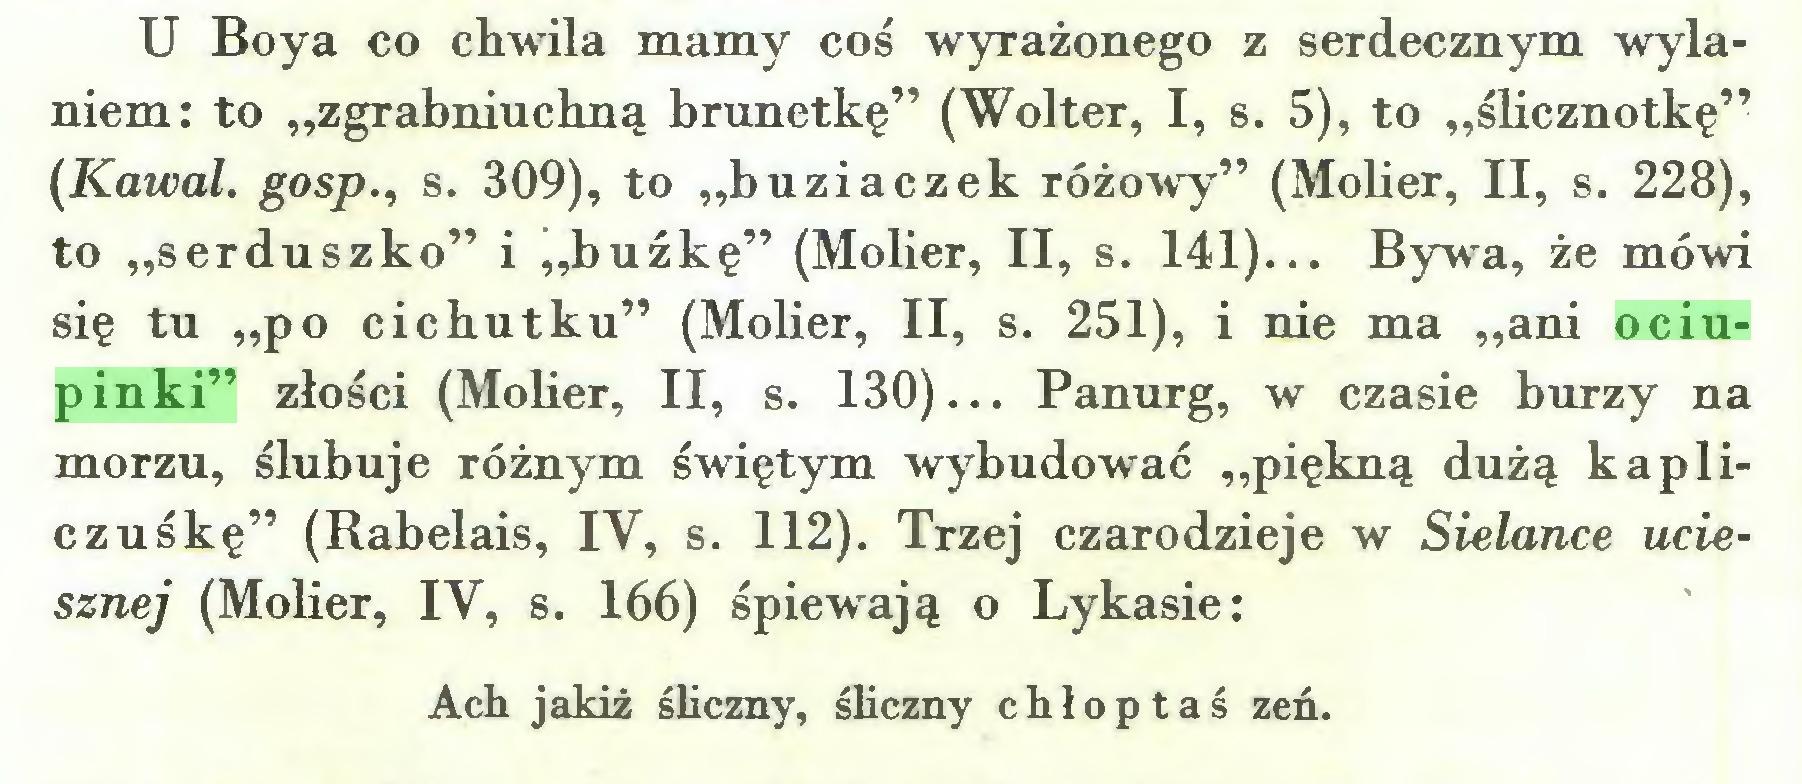 """(...) U Boya co chwila mamy coś wyrażonego z serdecznym wylaniem: to """"zgrabniuchną brunetkę"""" (Wolter, I, s. 5), to """"ślicznotkę"""" (Kawał, gosp., s. 309), to """"buziaczek różowy"""" (Mober, II, s. 228), to """"serduszko"""" i """"buźkę"""" (Molier, II, s. 141)... Bywa, że mówi się tu """"po cichutku"""" (Mober, II, s. 251), i nie ma """"ani ociupinki"""" złości (Mober, II, s. 130)... Panurg, w czasie burzy na morzu, ślubuje różnym świętym wybudować """"piękną dużą kapliczuśkę"""" (Rabelais, IV, s. 112). Trzej czarodzieje w Sielance uciesznej (Mober, IV, s. 166) śpiewają o Lykasie: Ach jakiż śliczny, śliczny chłoptaś zeń..."""